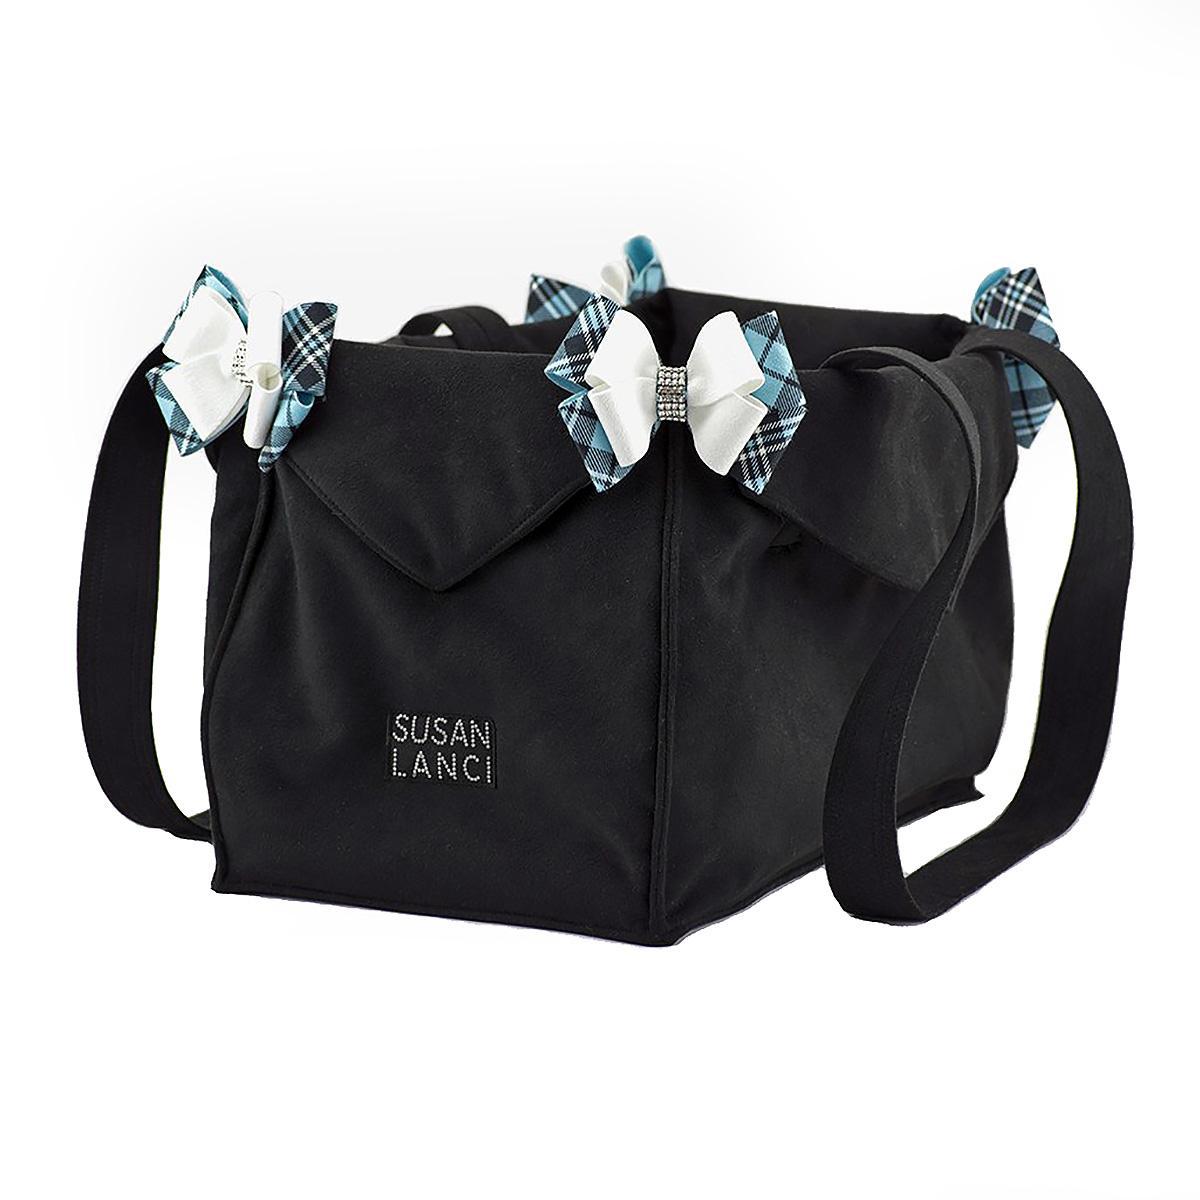 Scotty Tiffi Plaid Nouveau Bow Luxury Dog Carrier by Susan Lanci - Black